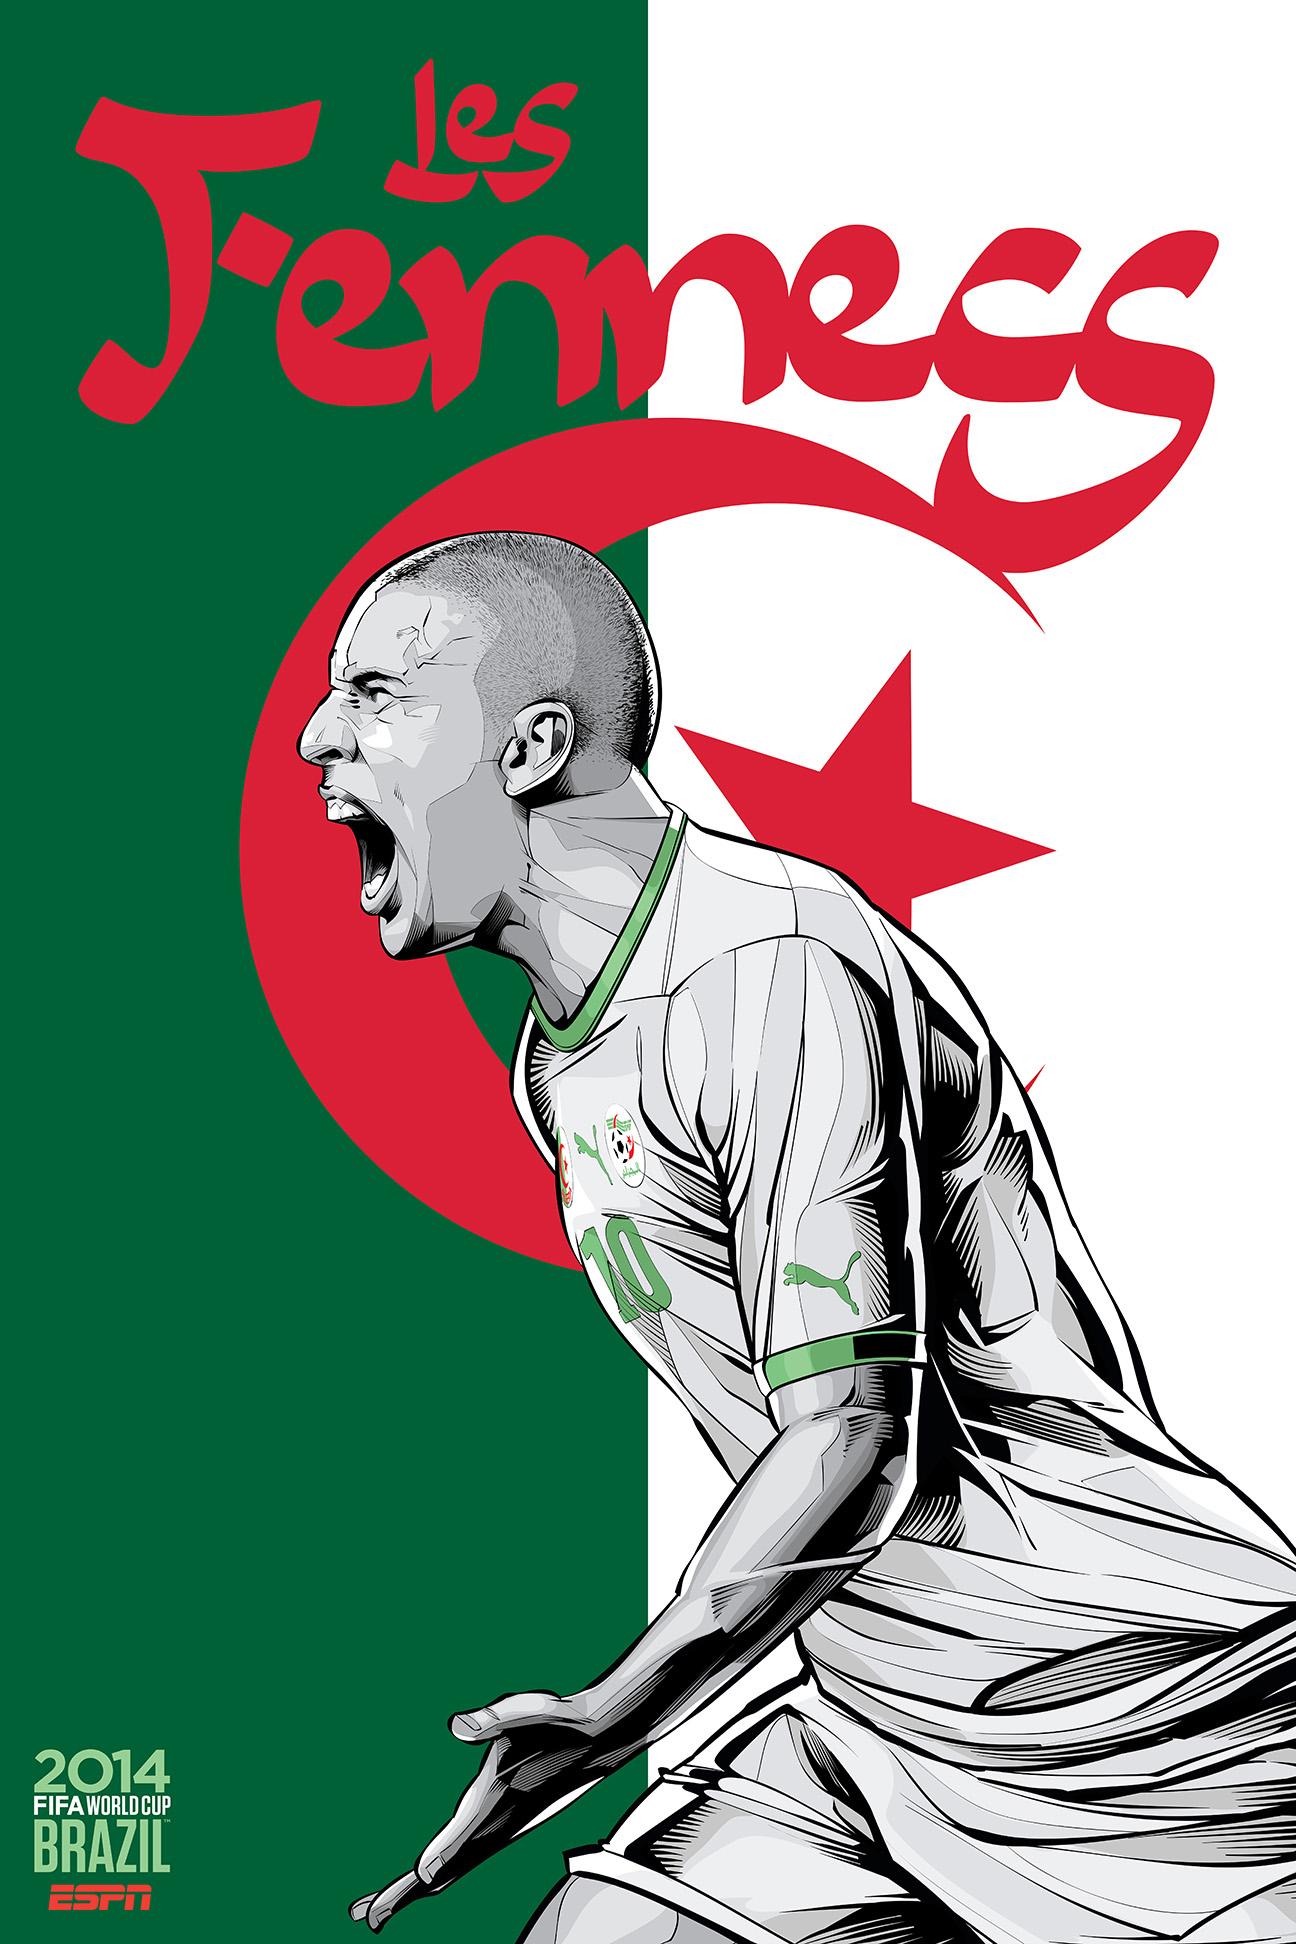 ESPNCOM14591_WorldCupPosters_Algeria